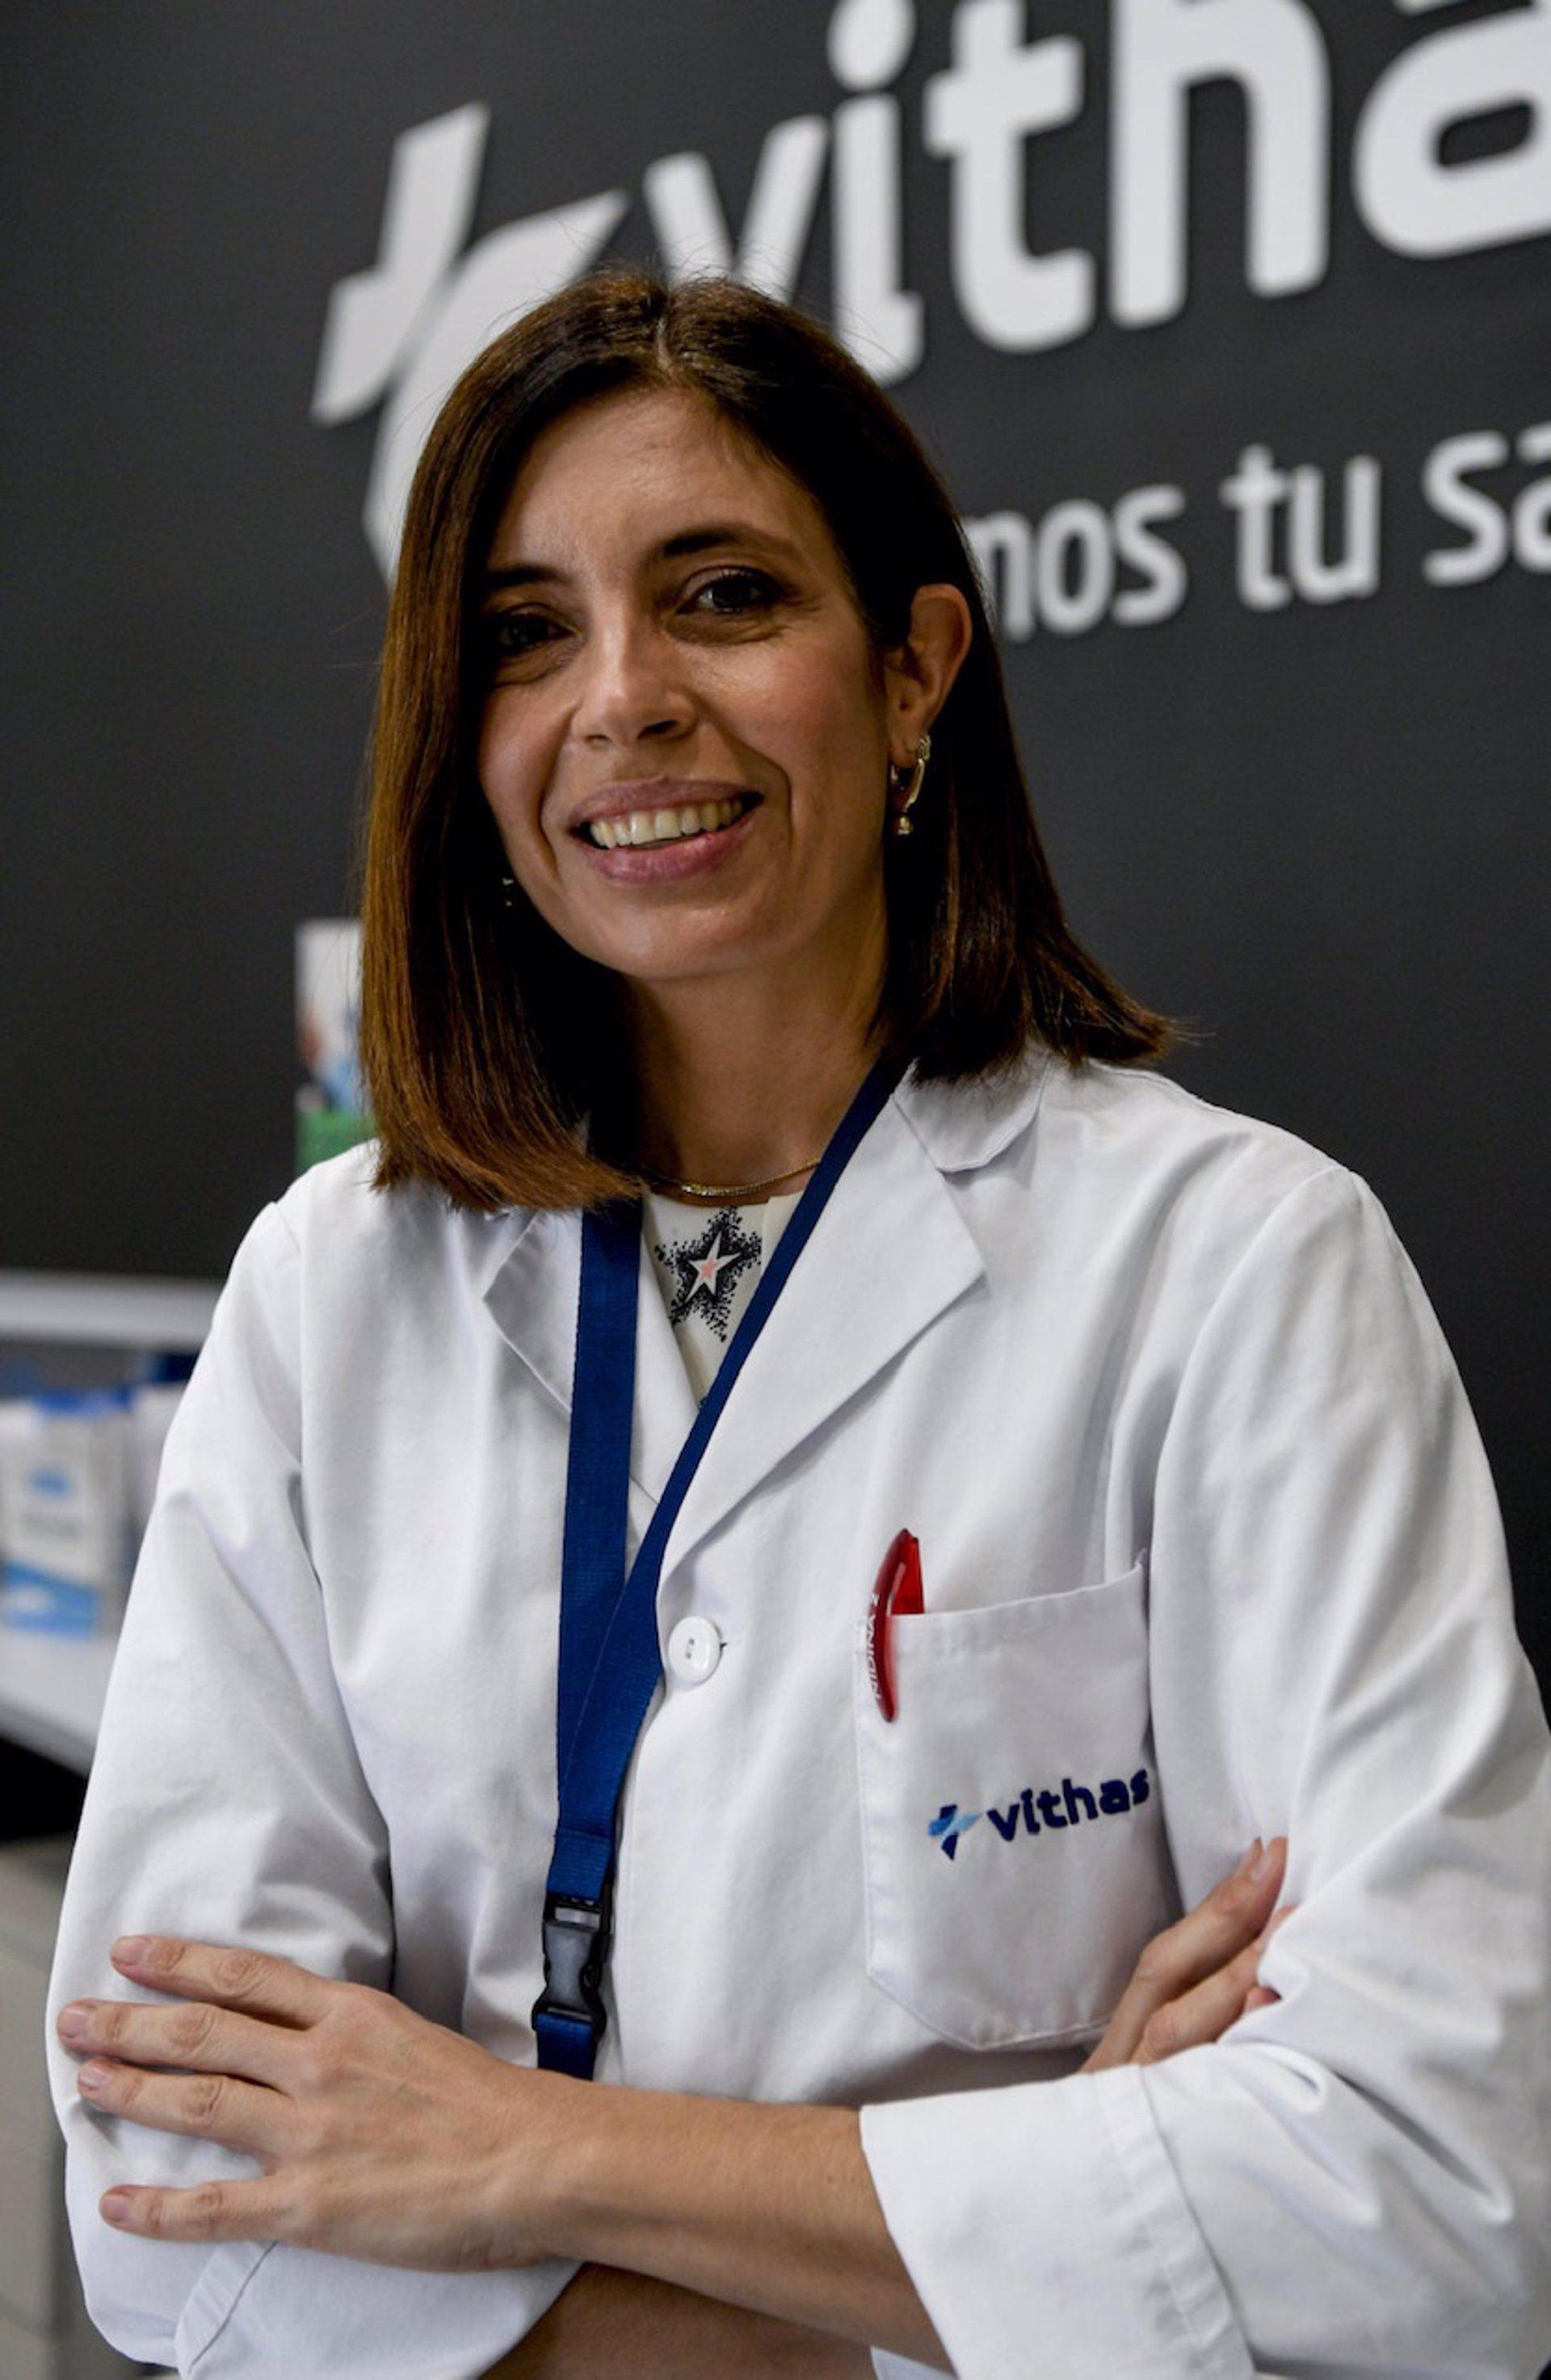 La vacunación generalizada contra el virus del papiloma humano podría acabar con el cáncer de cérvix